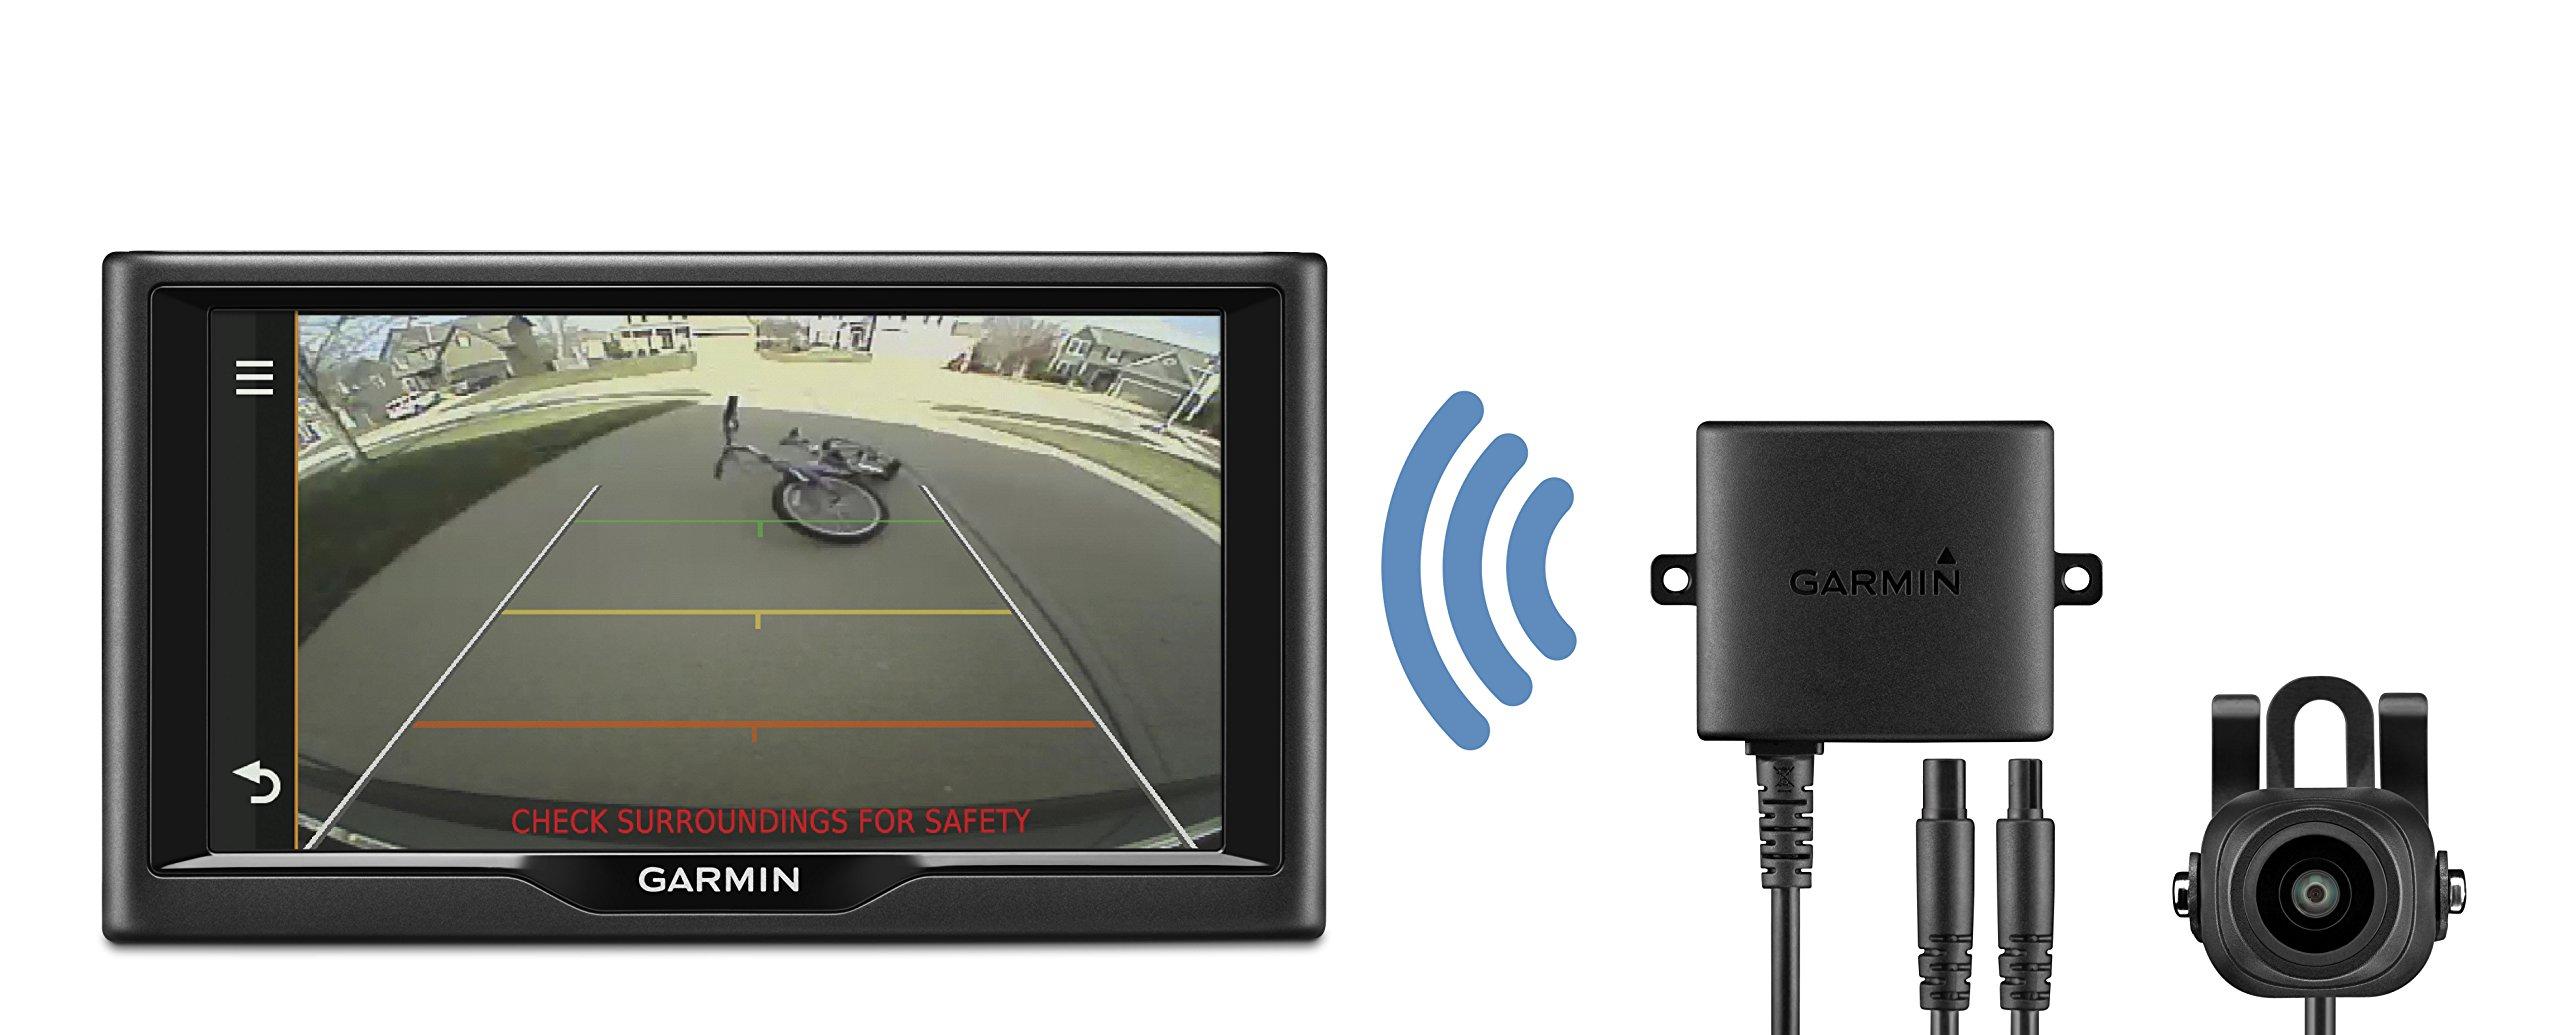 Garmin-BC-30-drahtlose-Rckfahrkamera–direkte-Anzeige-auf-dem-Navi-robust-wasserdicht-Reichweite-bis-10-m